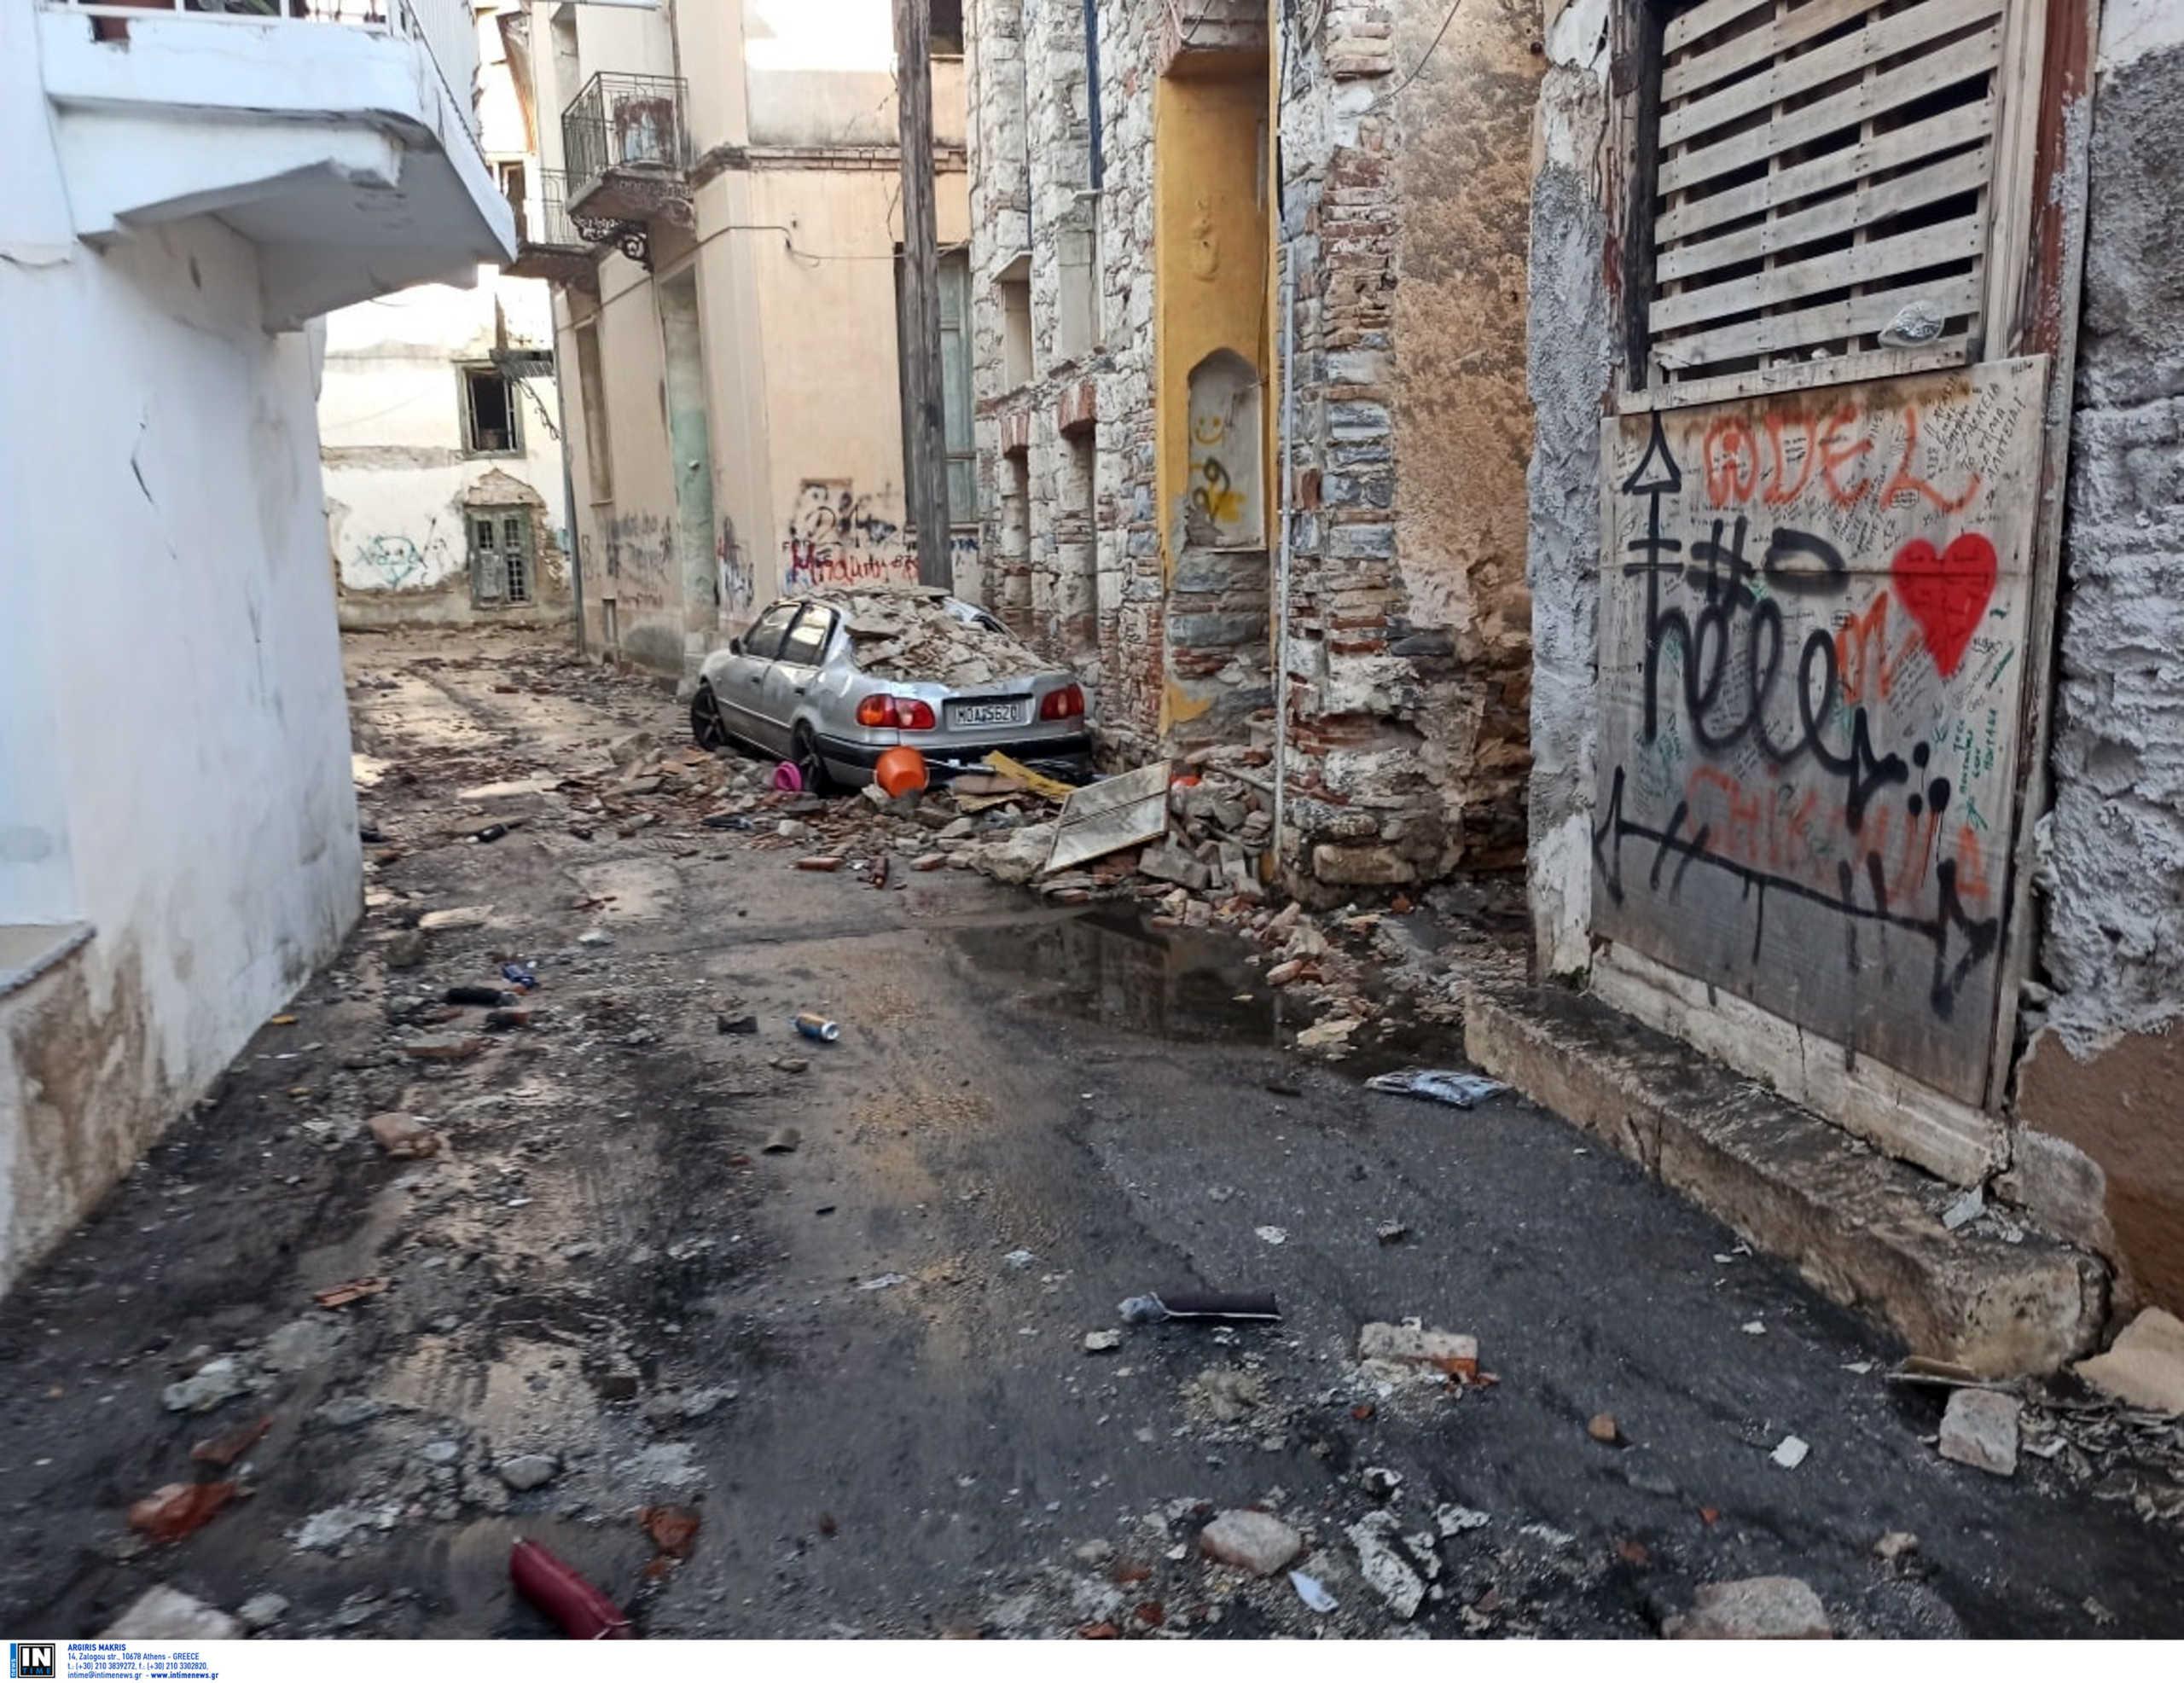 Σεισμός Σάμος: Αυτά είναι τα μέτρα στήριξης σε φυσικά και νομικά πρόσωπα